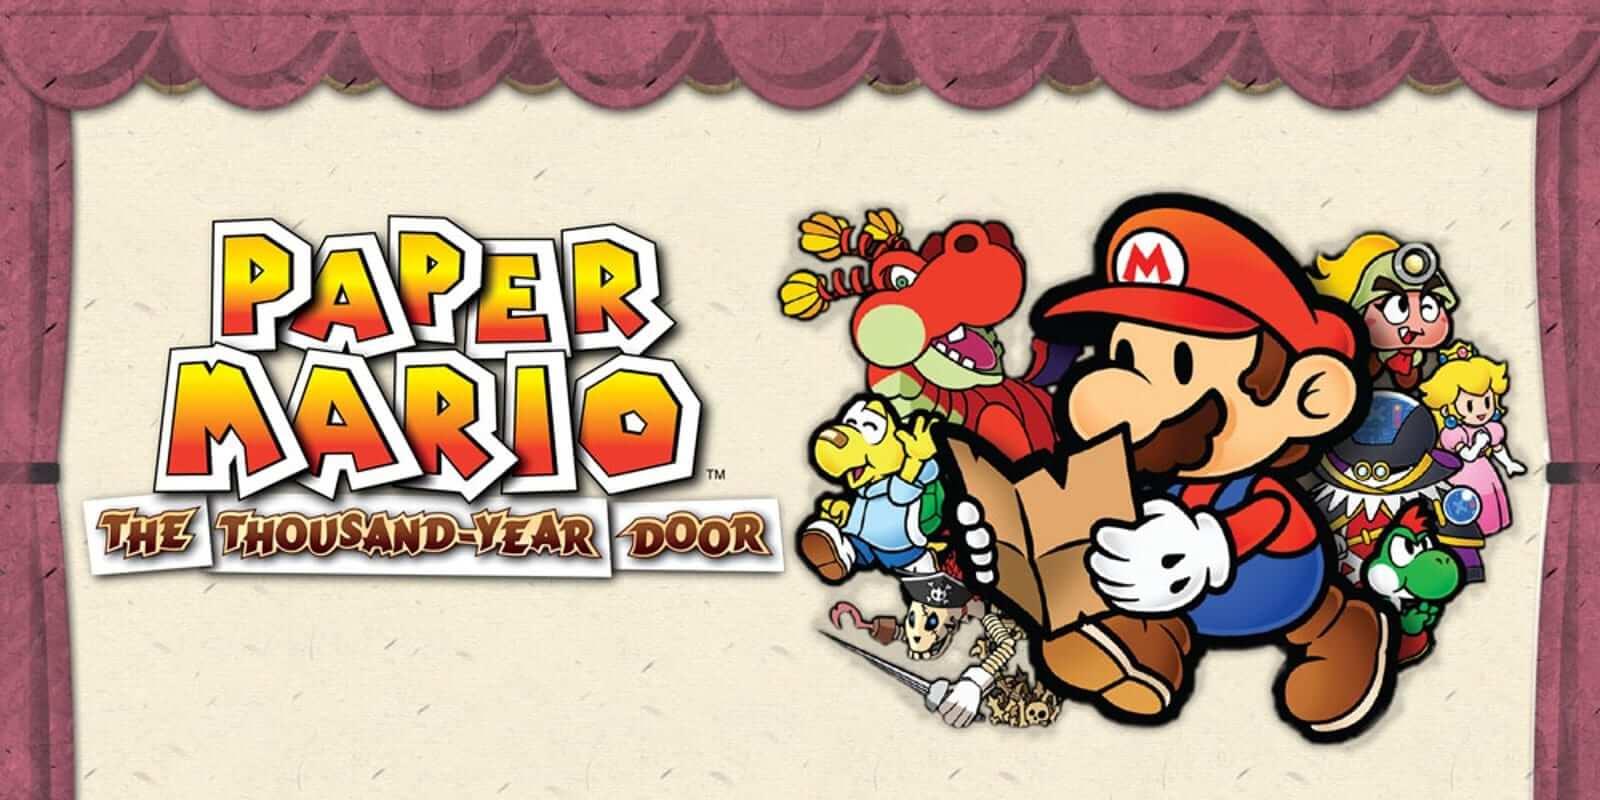 Paper Mario - The Thousand Year Door